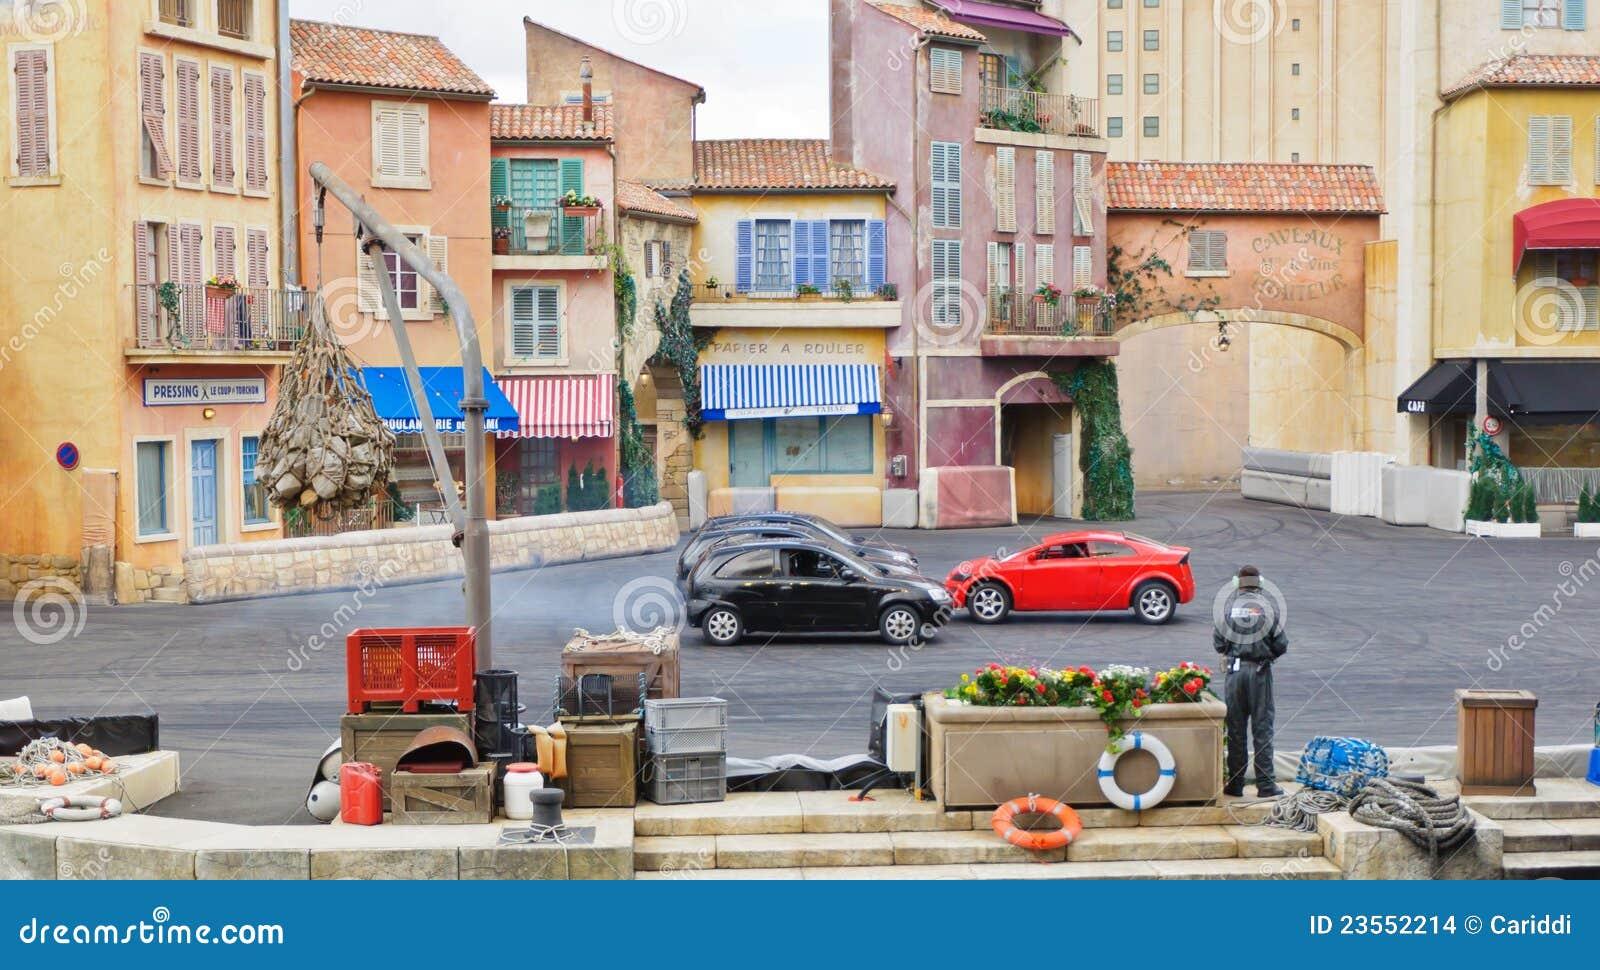 Estudios de París - de Disney, coches del truco